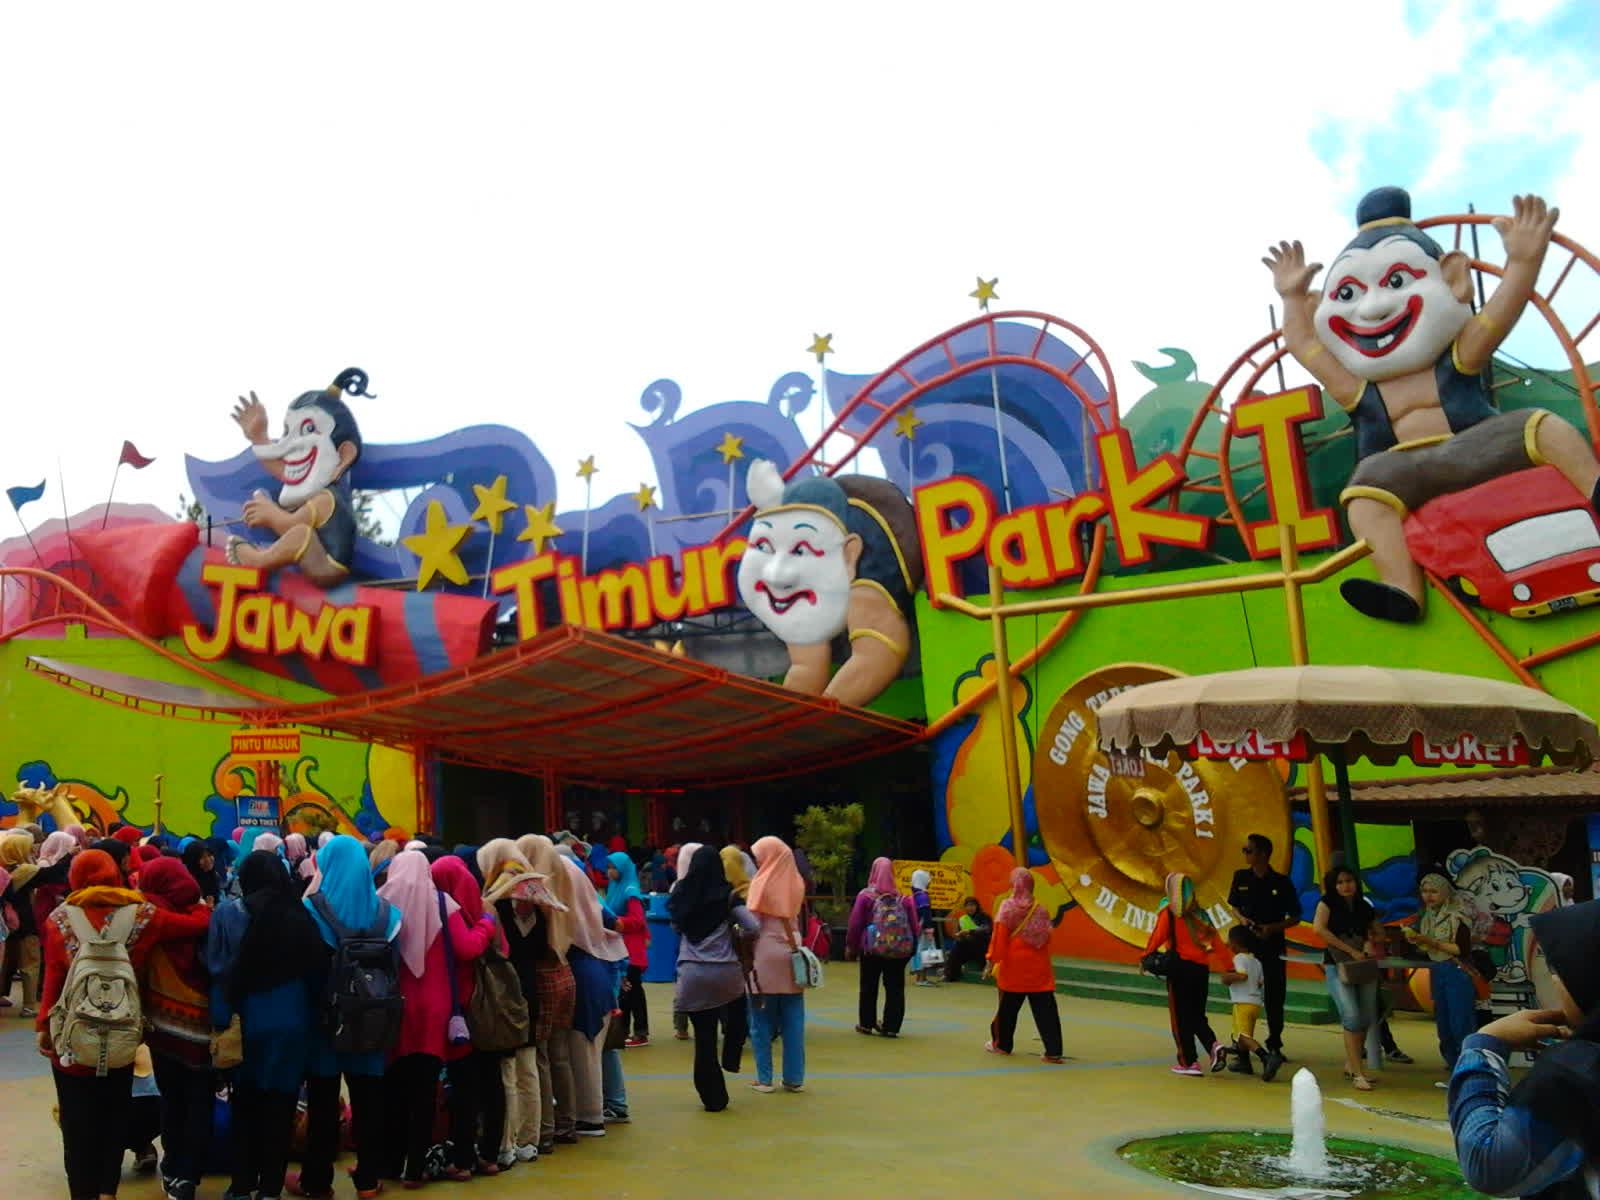 Tempat Wisata Di Batu Malang 2018 Terupdate Dan Populer City Tour Jatim Park 1